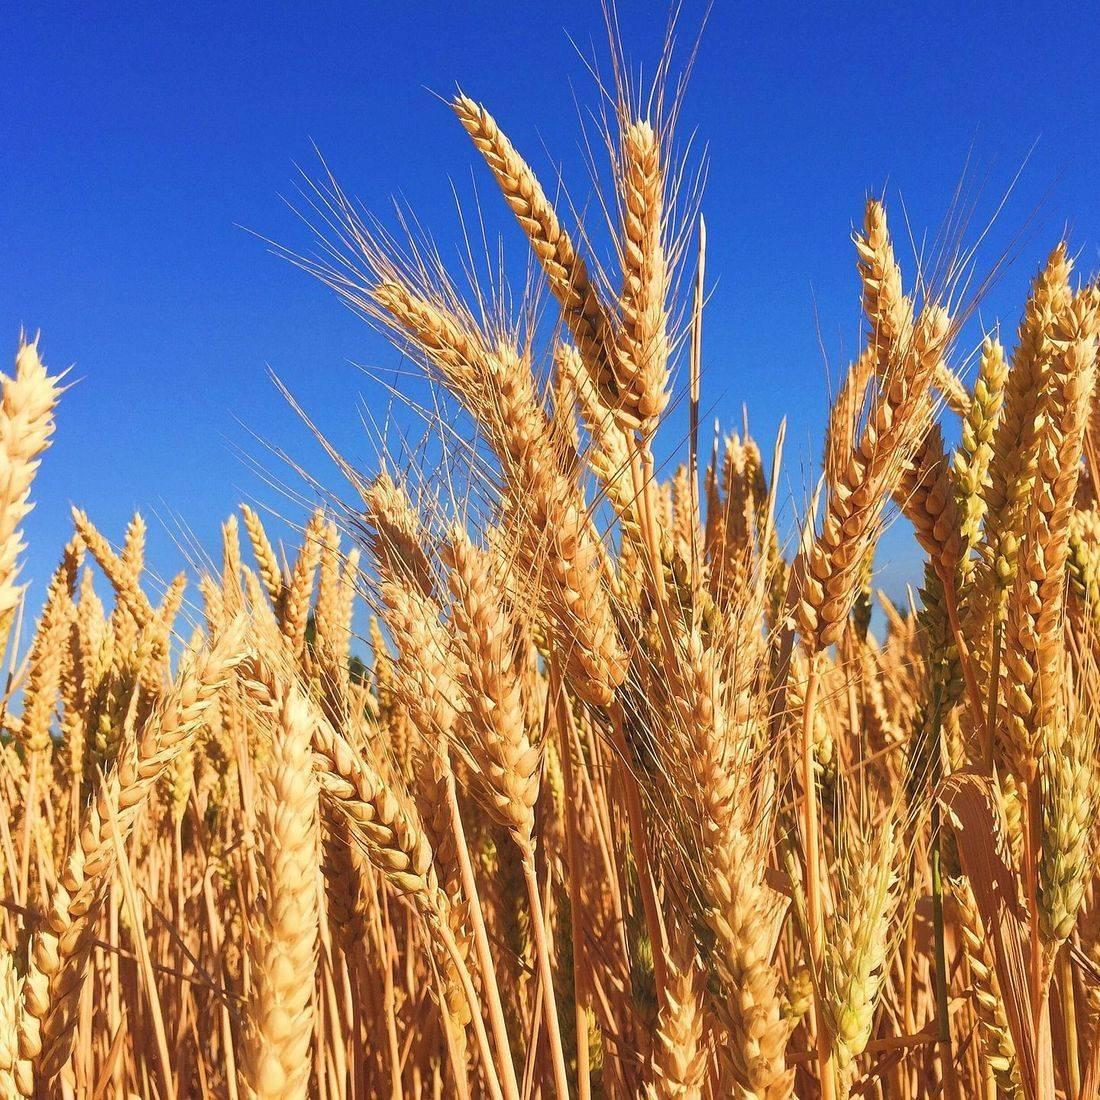 wheat harvest, harvest season